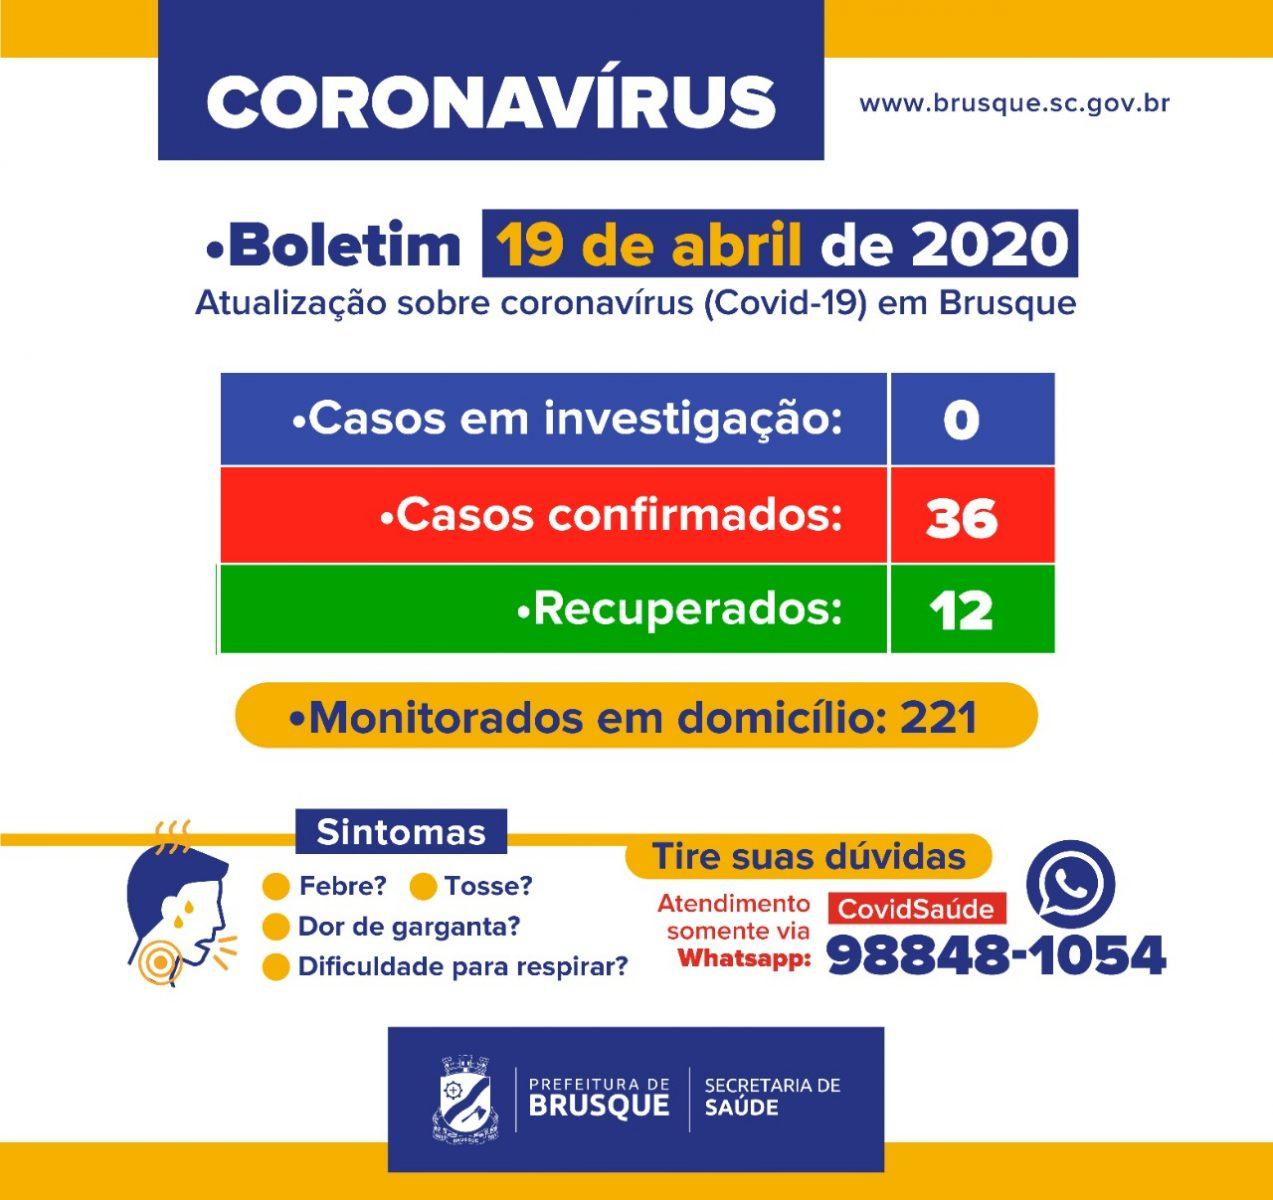 Sobe para 36 os casos de coronavírus em Brusque